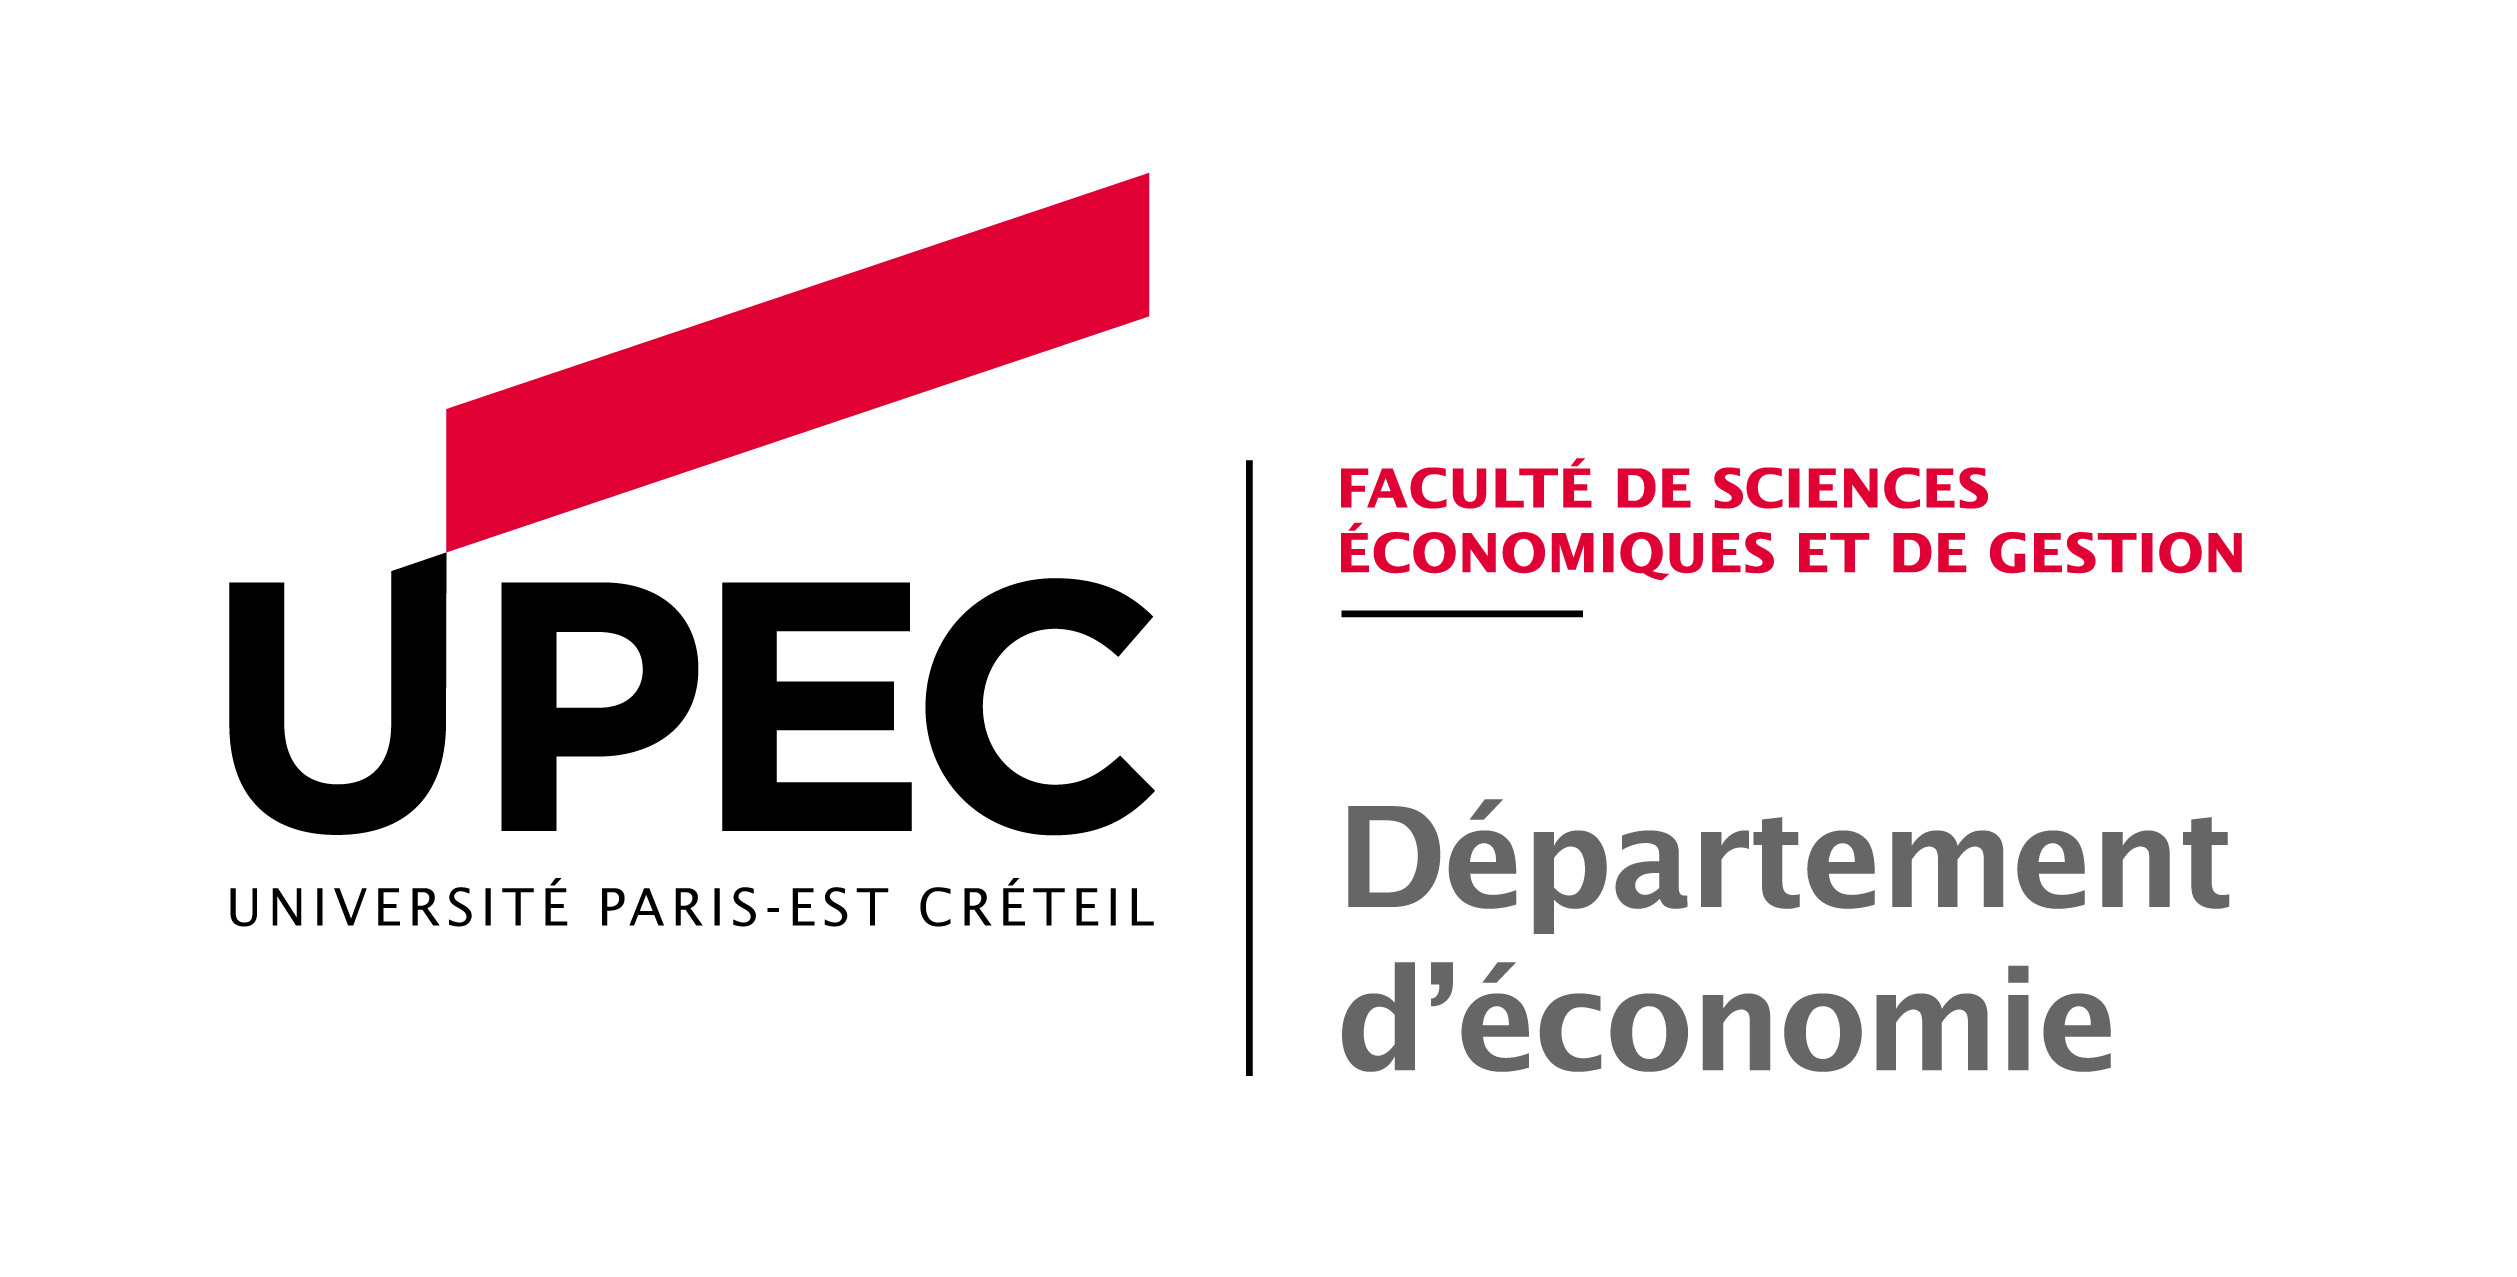 Logo Université Paris-Est Créteil - Faculté de Sciences Economiques et de Gestion